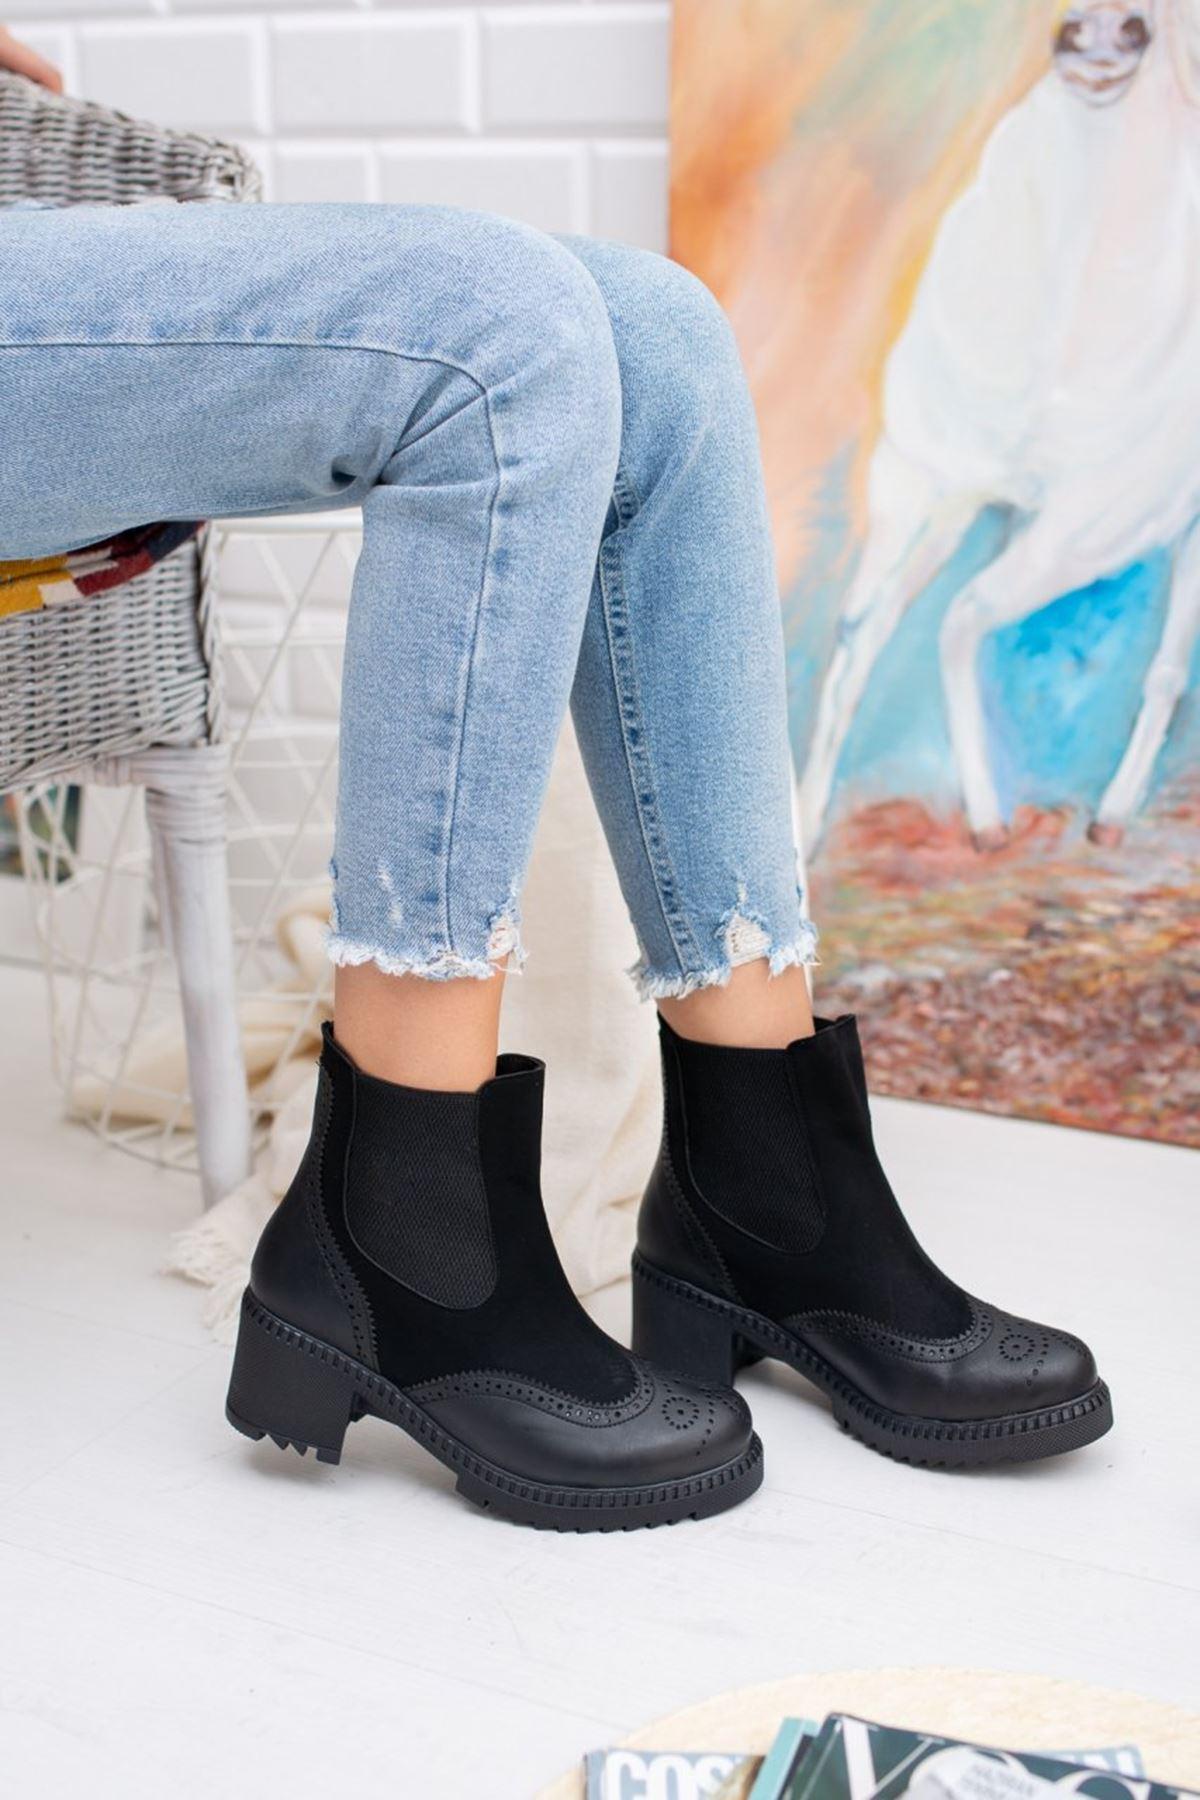 Kadın Lubo Kalın Taban  Lastik Detay Ön Mat Deri Siyah Bot